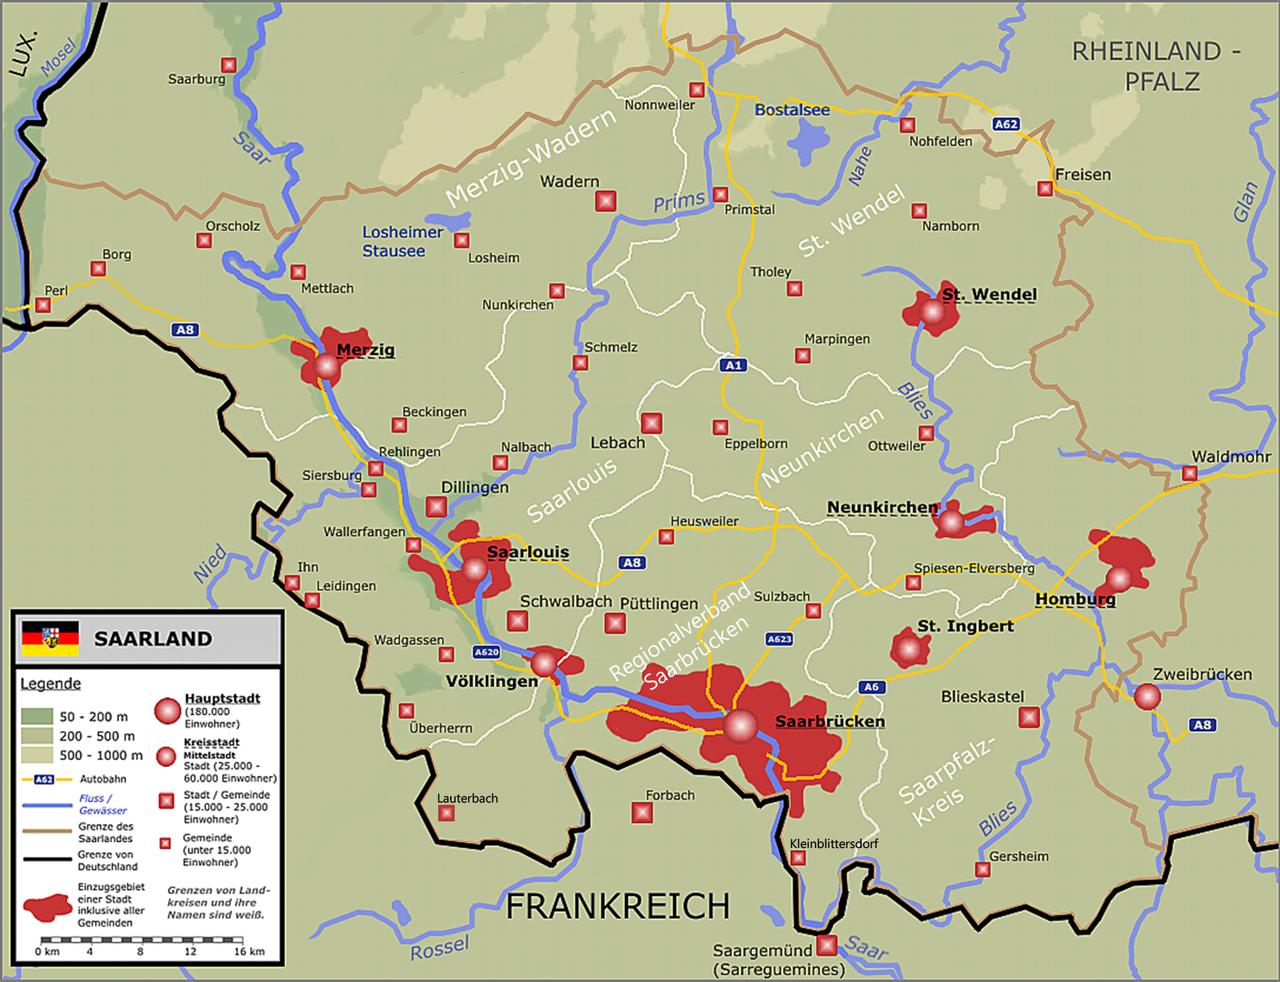 2018-06-28 Saarland karte (V1.11).png